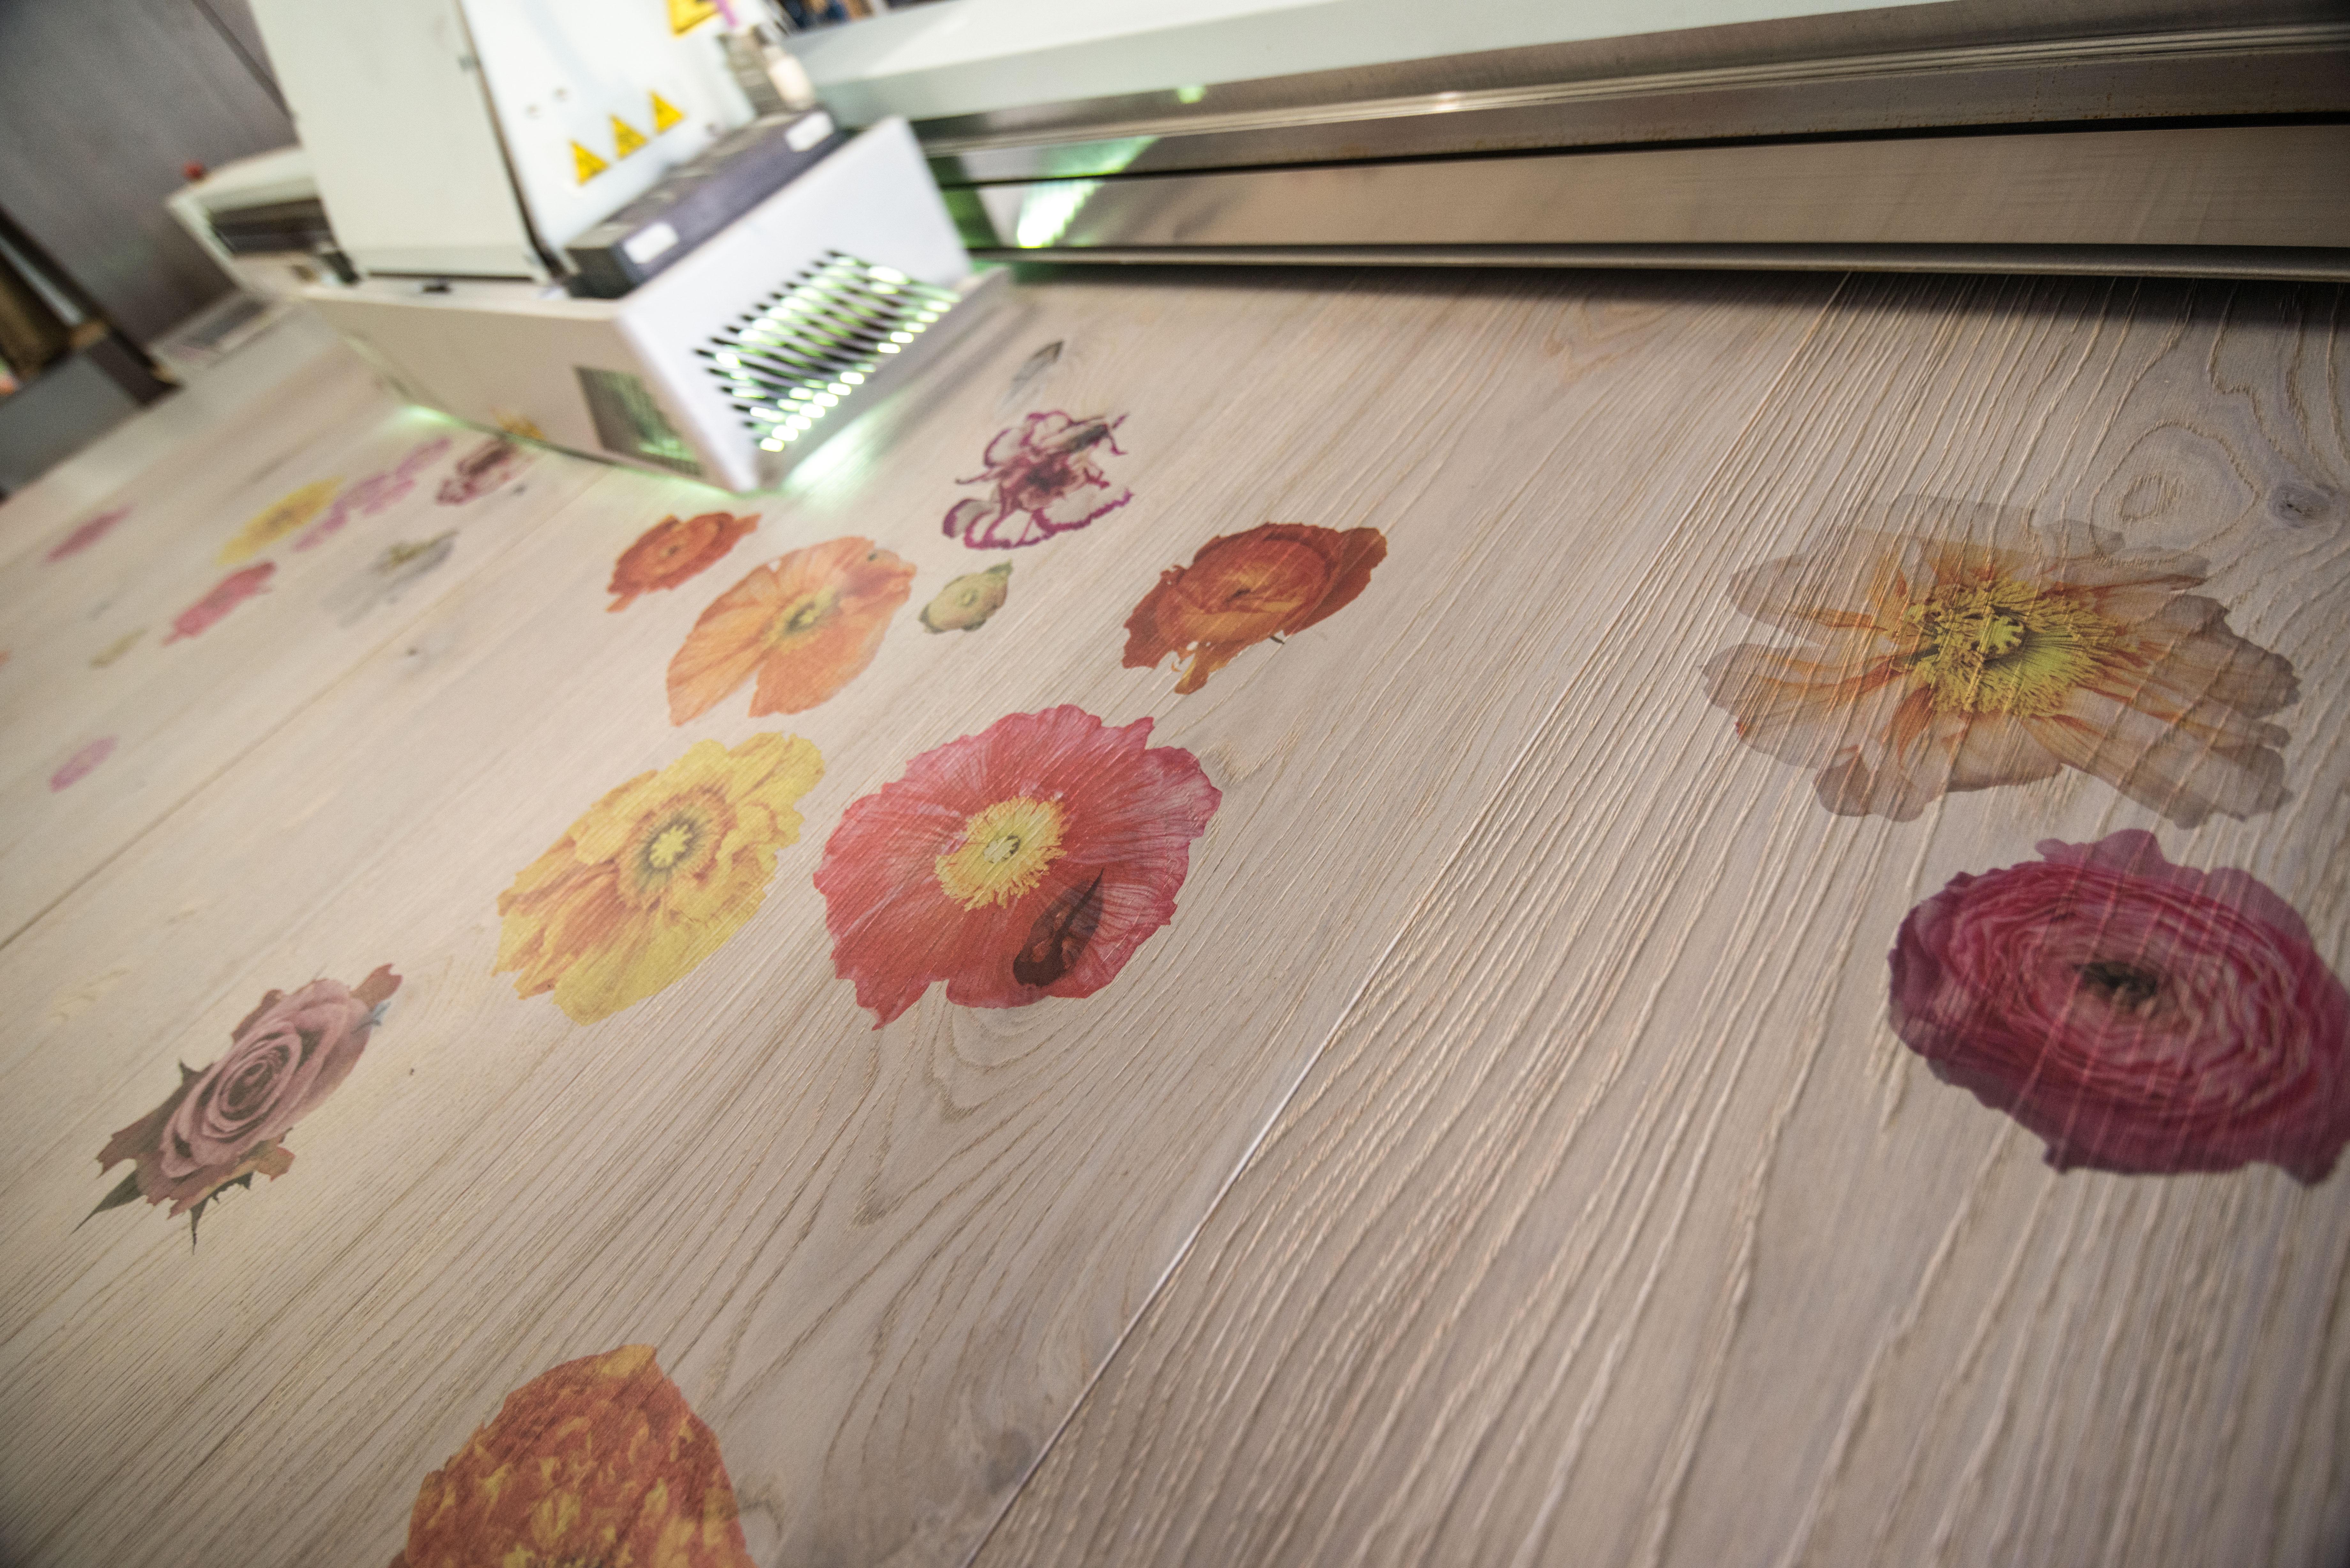 direktdruck auf fussboden druck auf holz. Black Bedroom Furniture Sets. Home Design Ideas